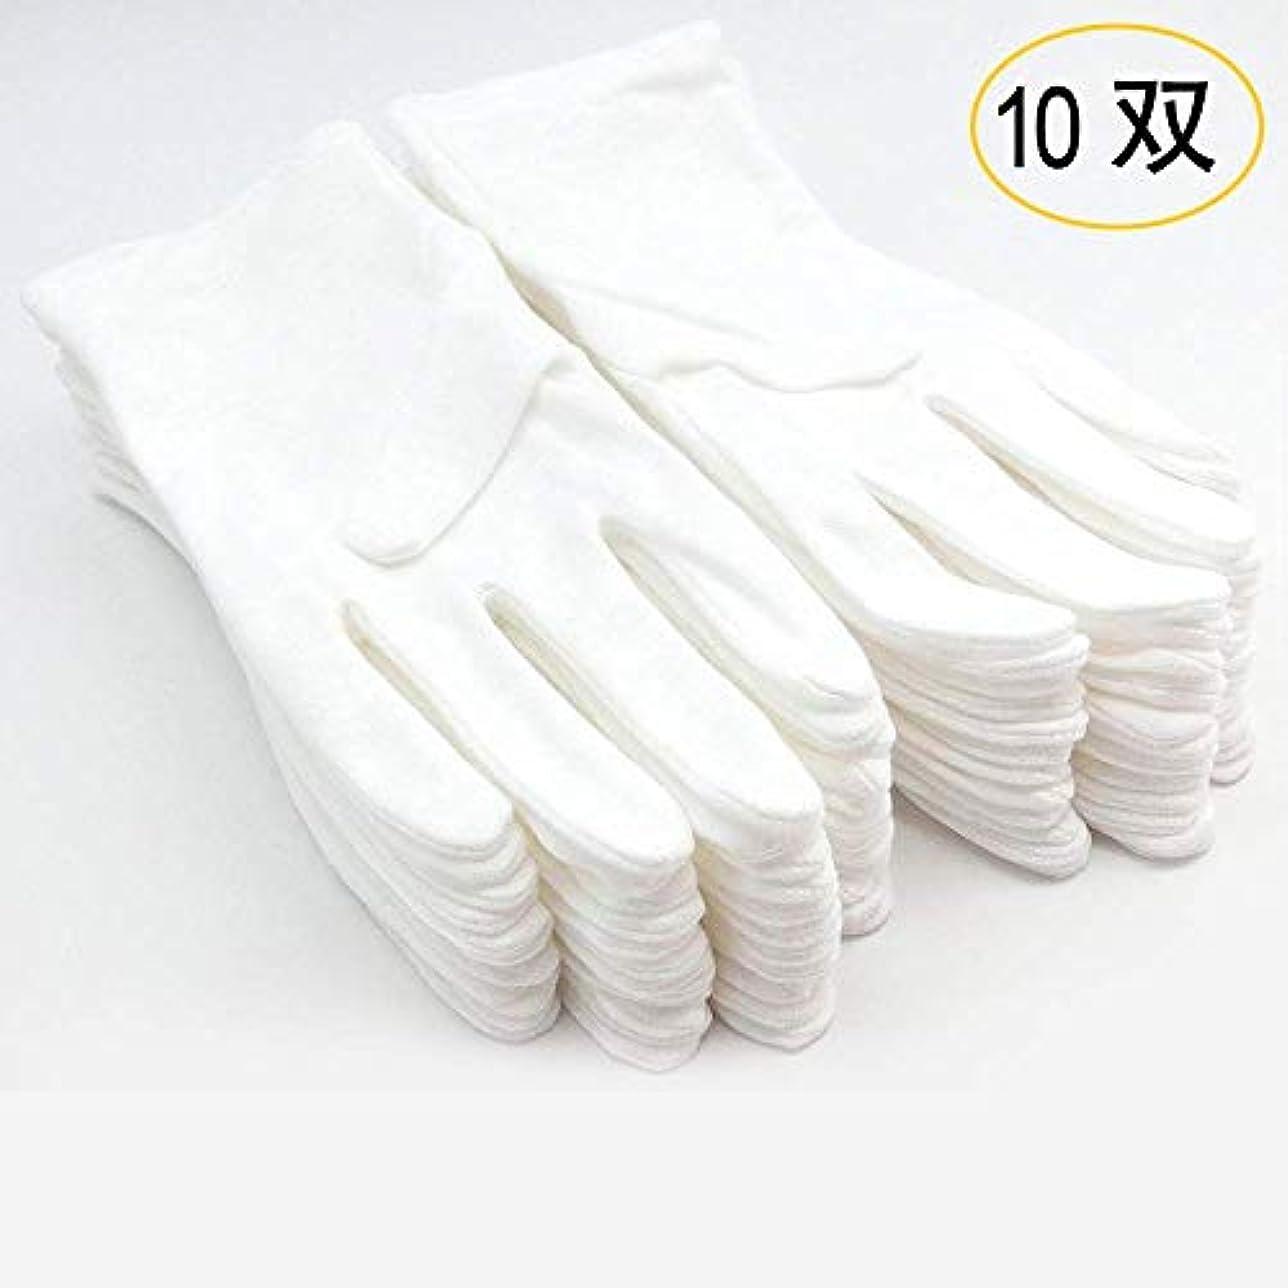 ブラウザ意識囚人綿手袋 純綿100% 通気性 コットン手袋 10双組